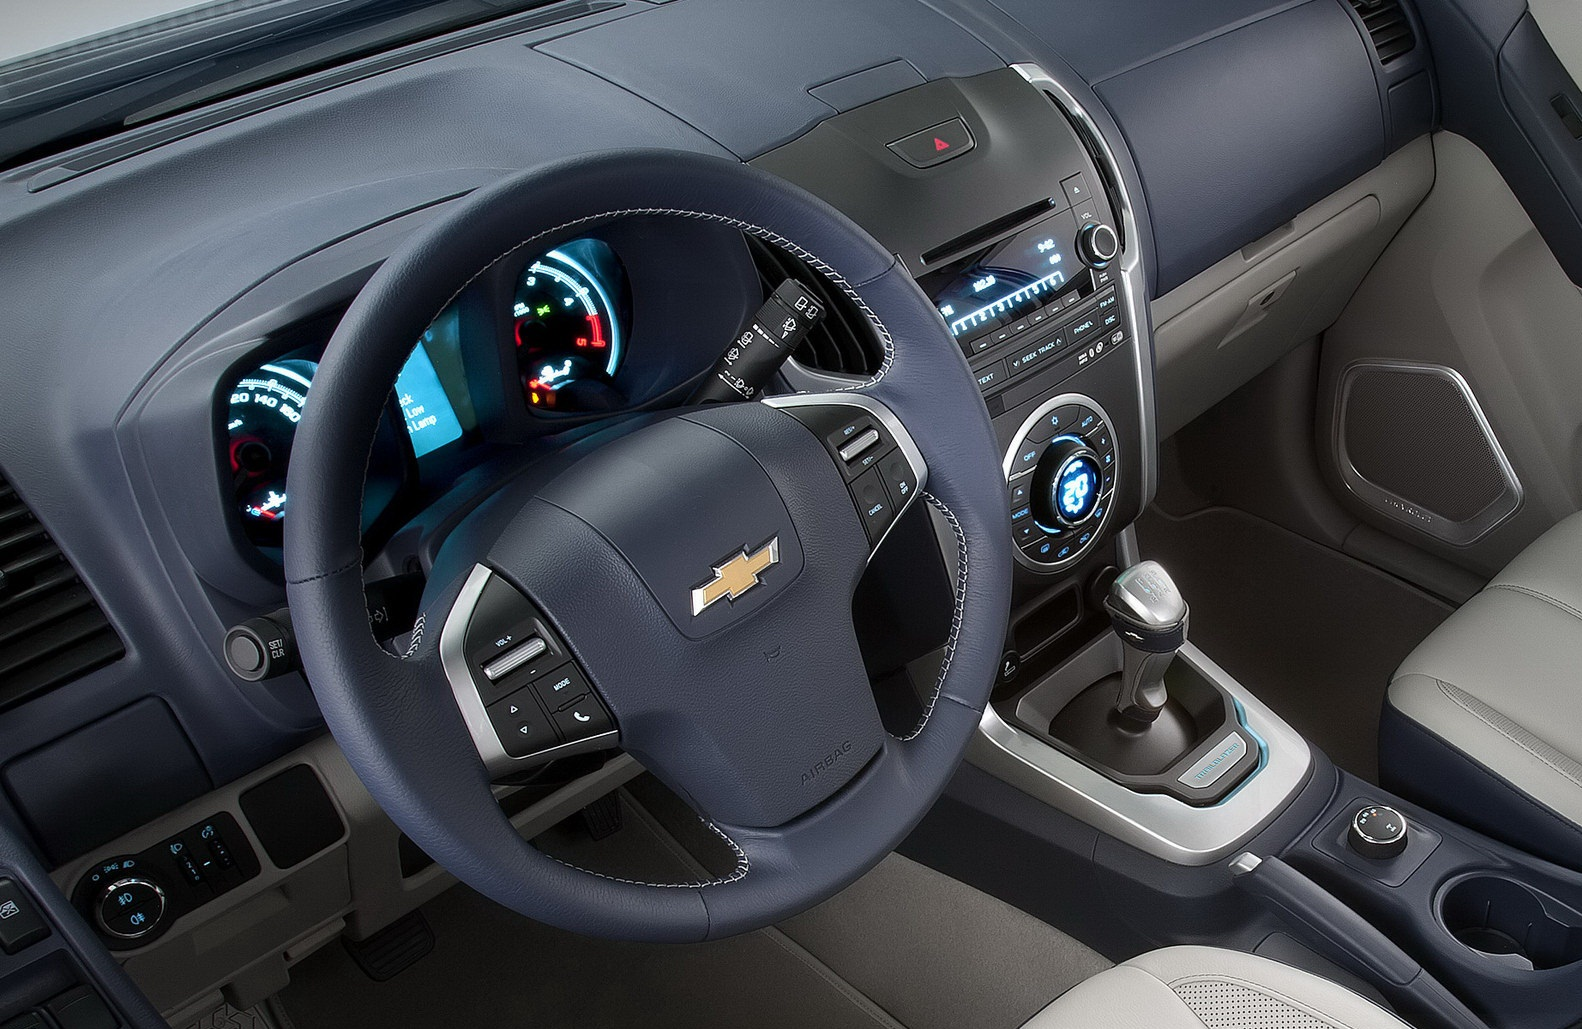 صورة عجلة القيادة للسيارة شيفروليه تريل بليزر 2014 | المرسال